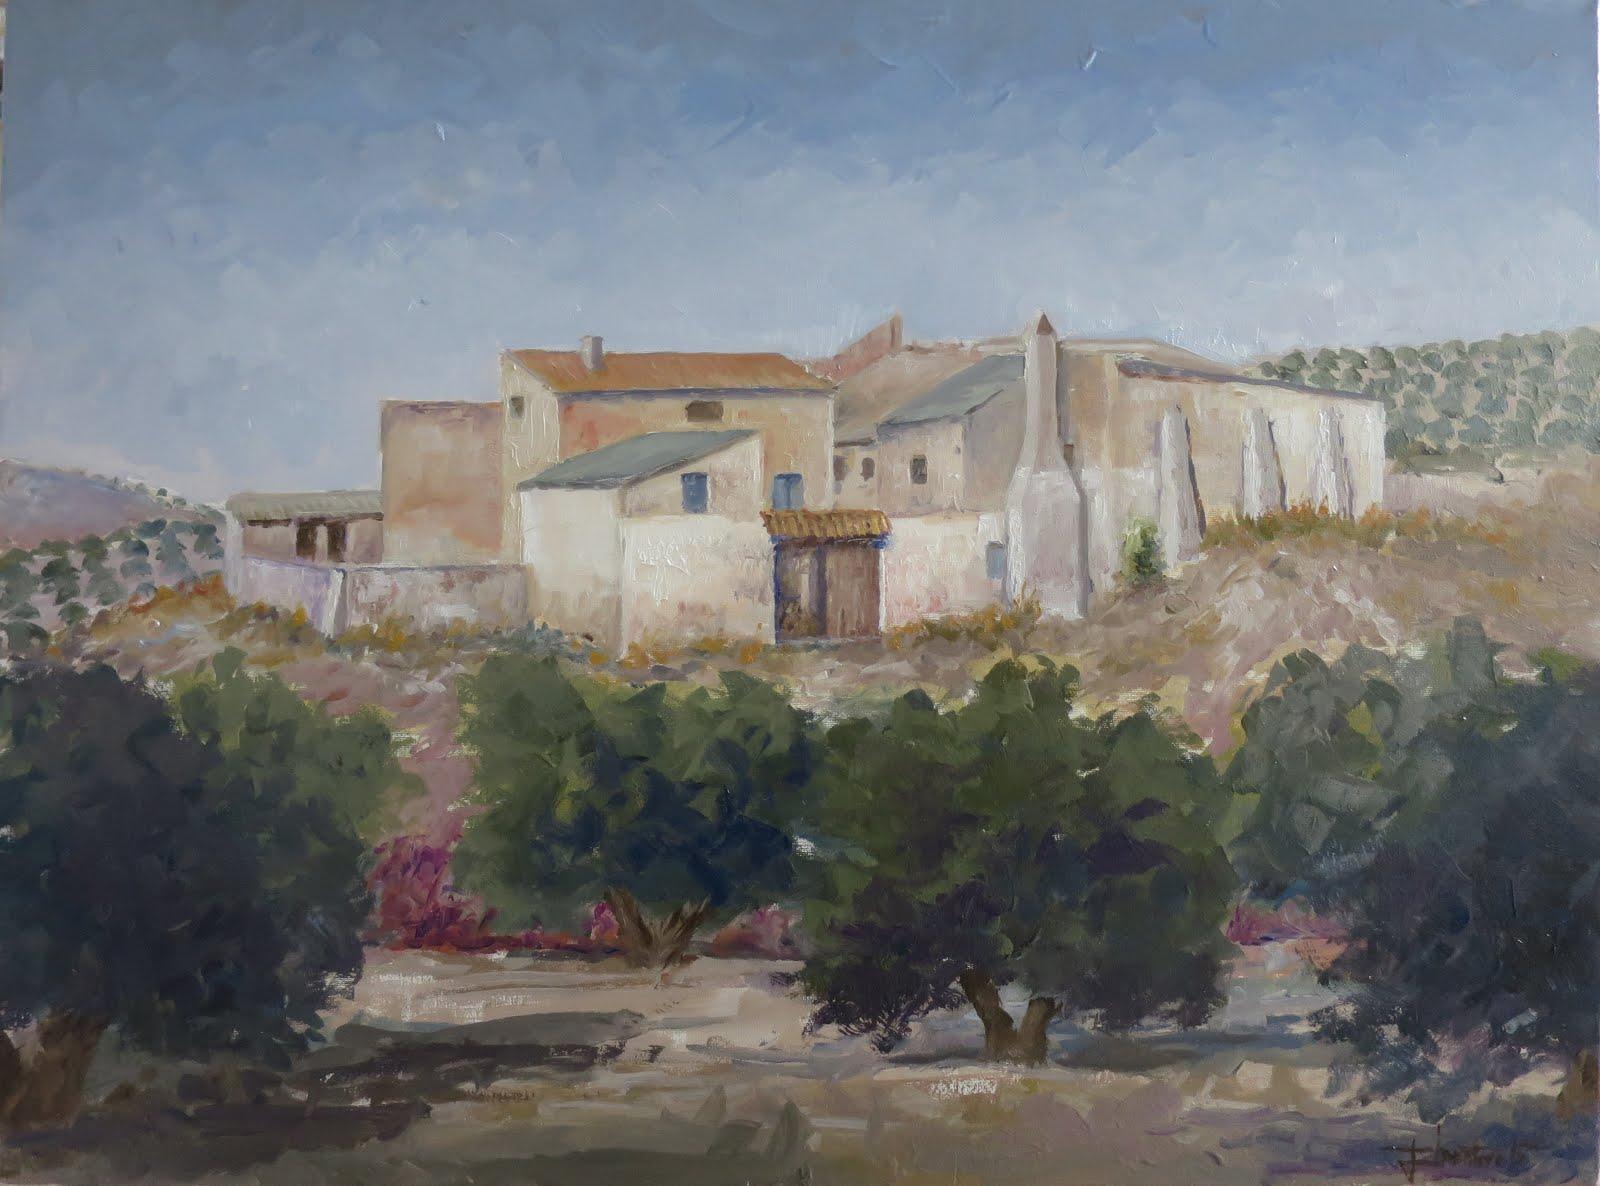 Cortijo del Moral; Fuerte del Rey, Jaén (12P)